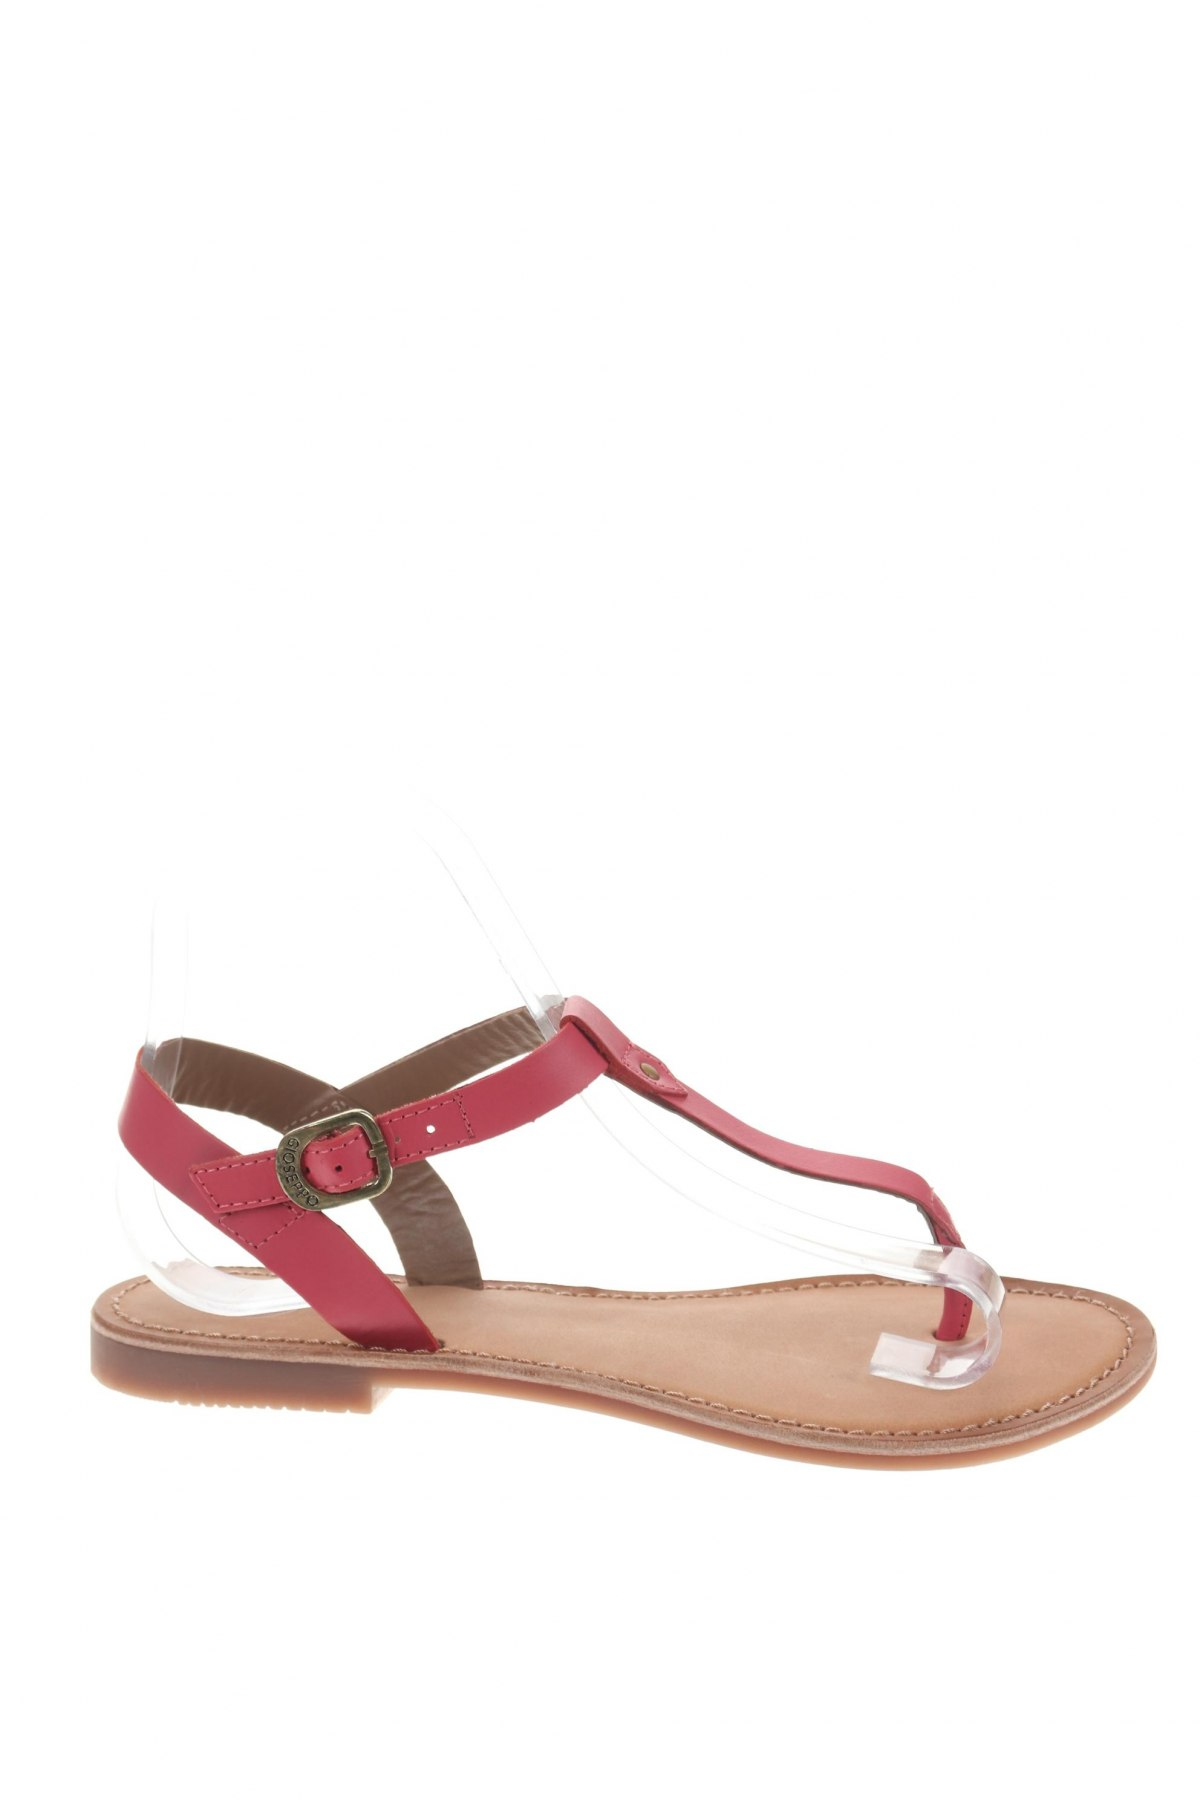 Σανδάλια Gioseppo, Μέγεθος 37, Χρώμα Ρόζ , Γνήσιο δέρμα, Τιμή 22,95€